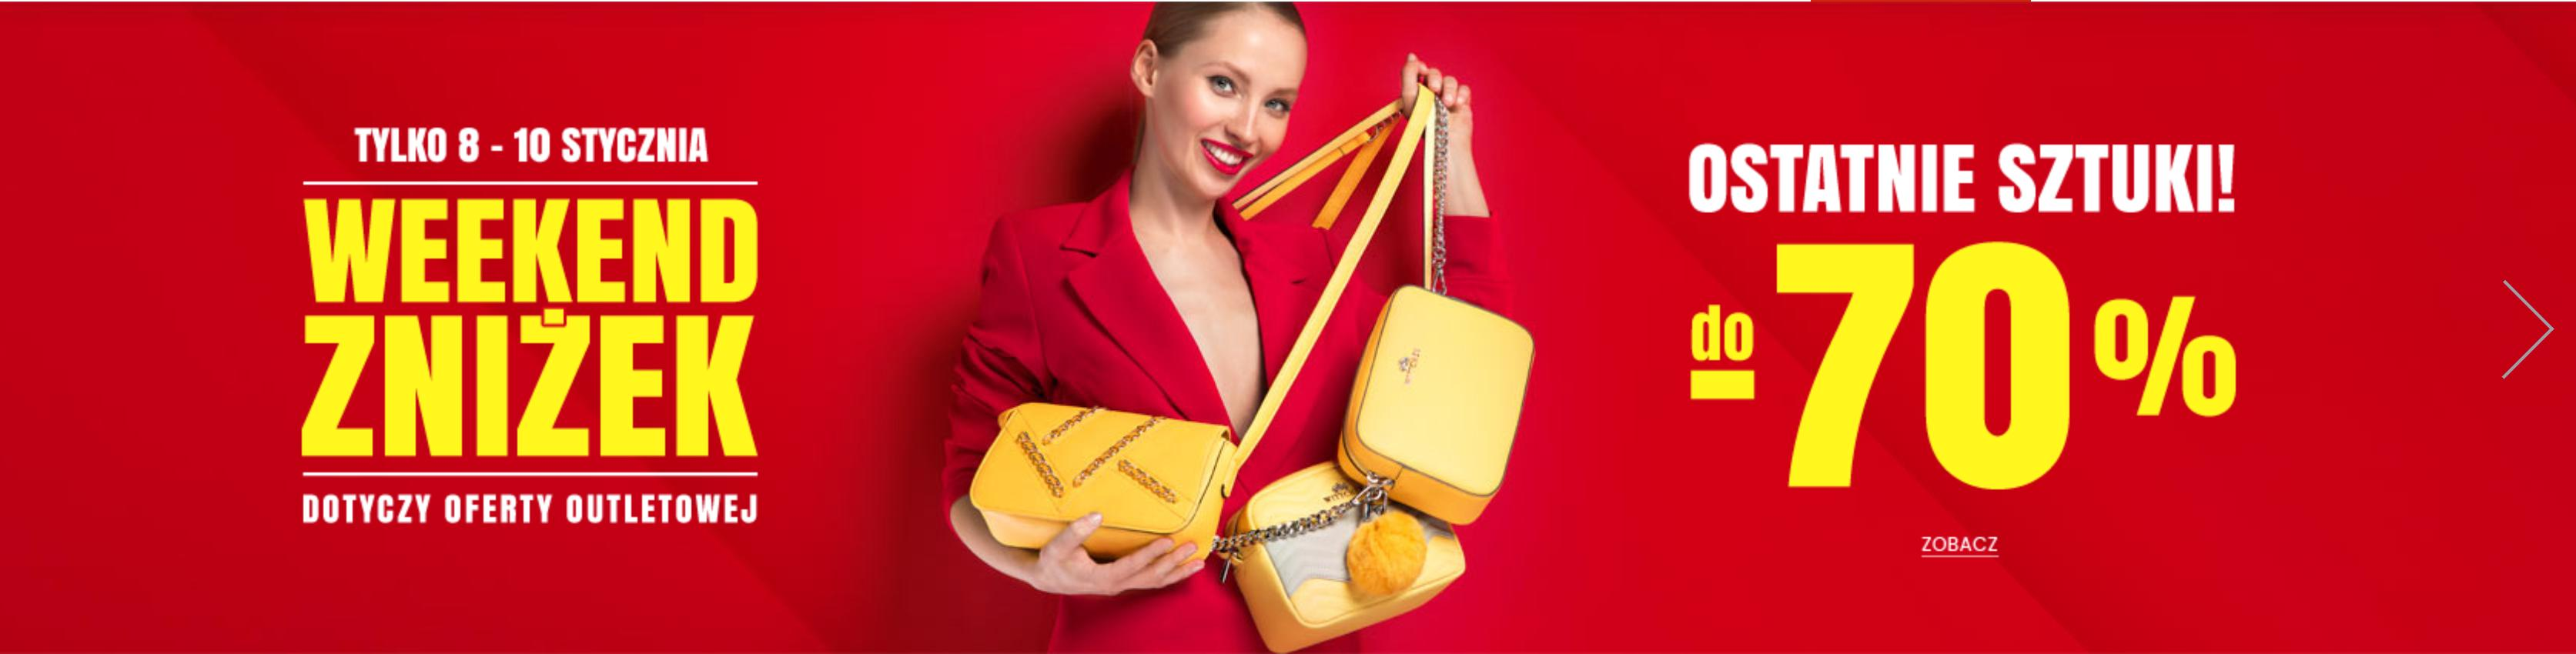 Wittchen Wittchen: Weekend Zniżek do 70% rabatu na ostatnie sztuki walizek, odzieży i galanterii skórzanej